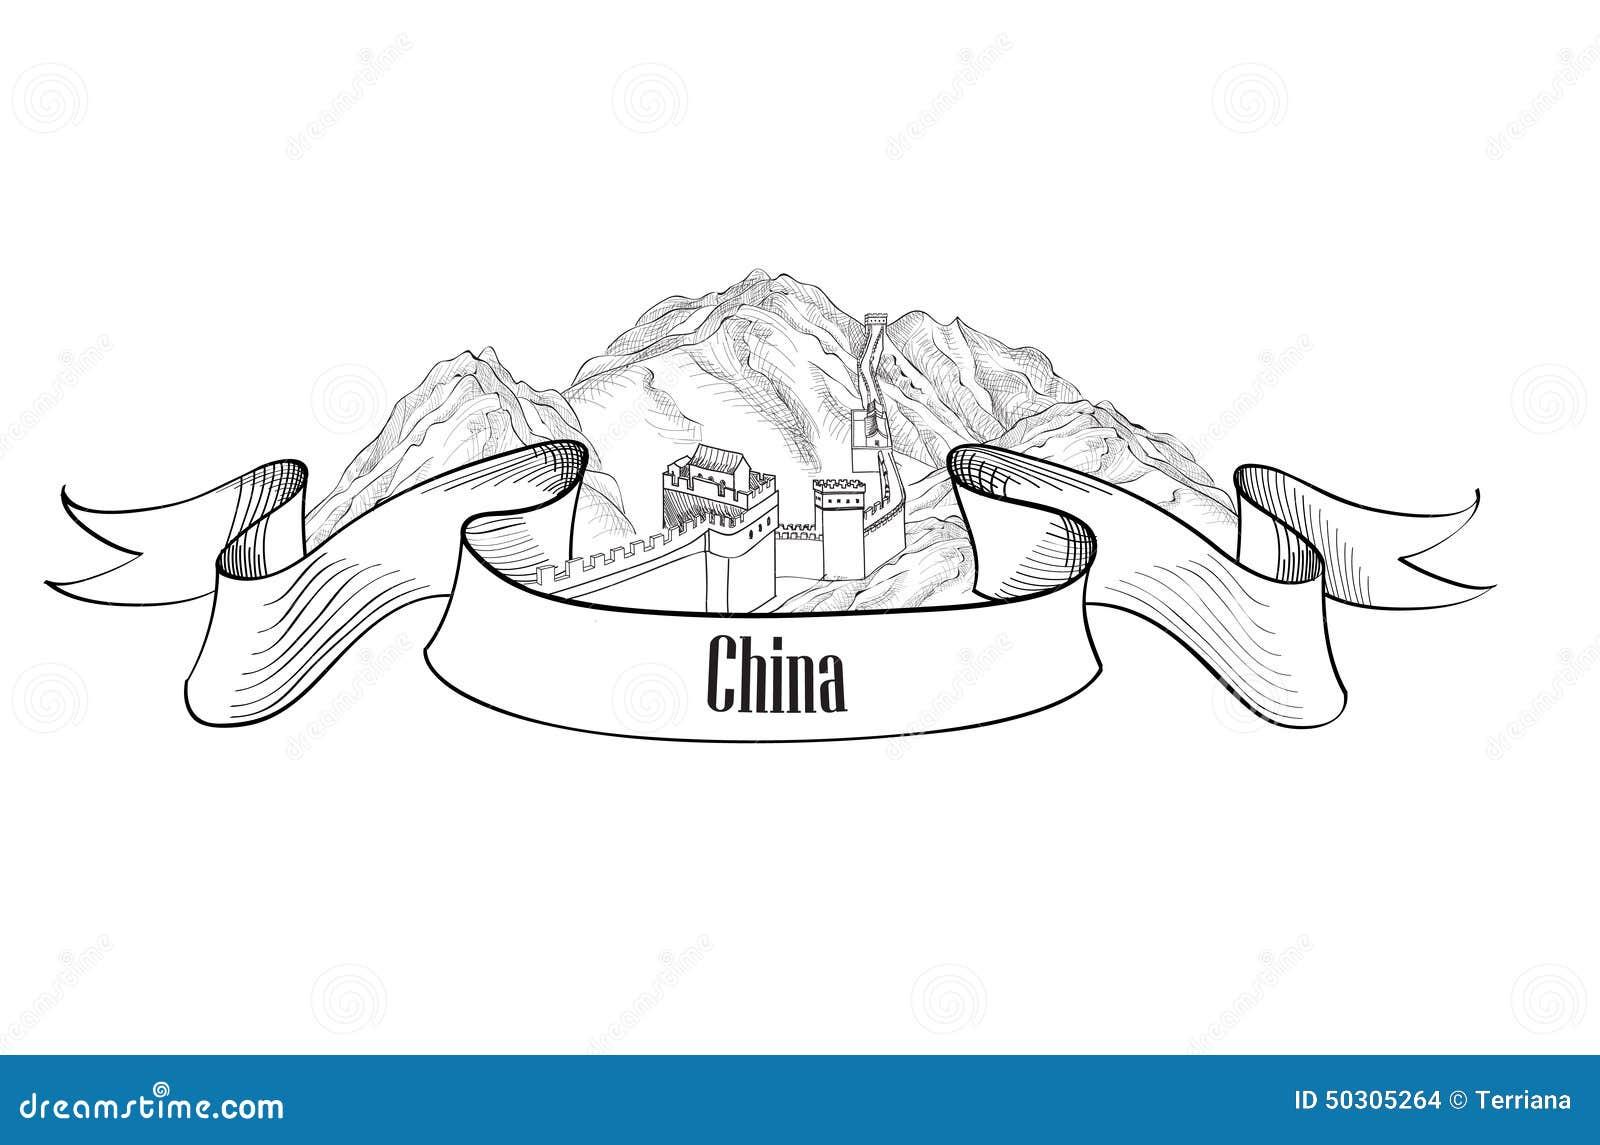 Coloring sheet great wall of china - Asia China Great